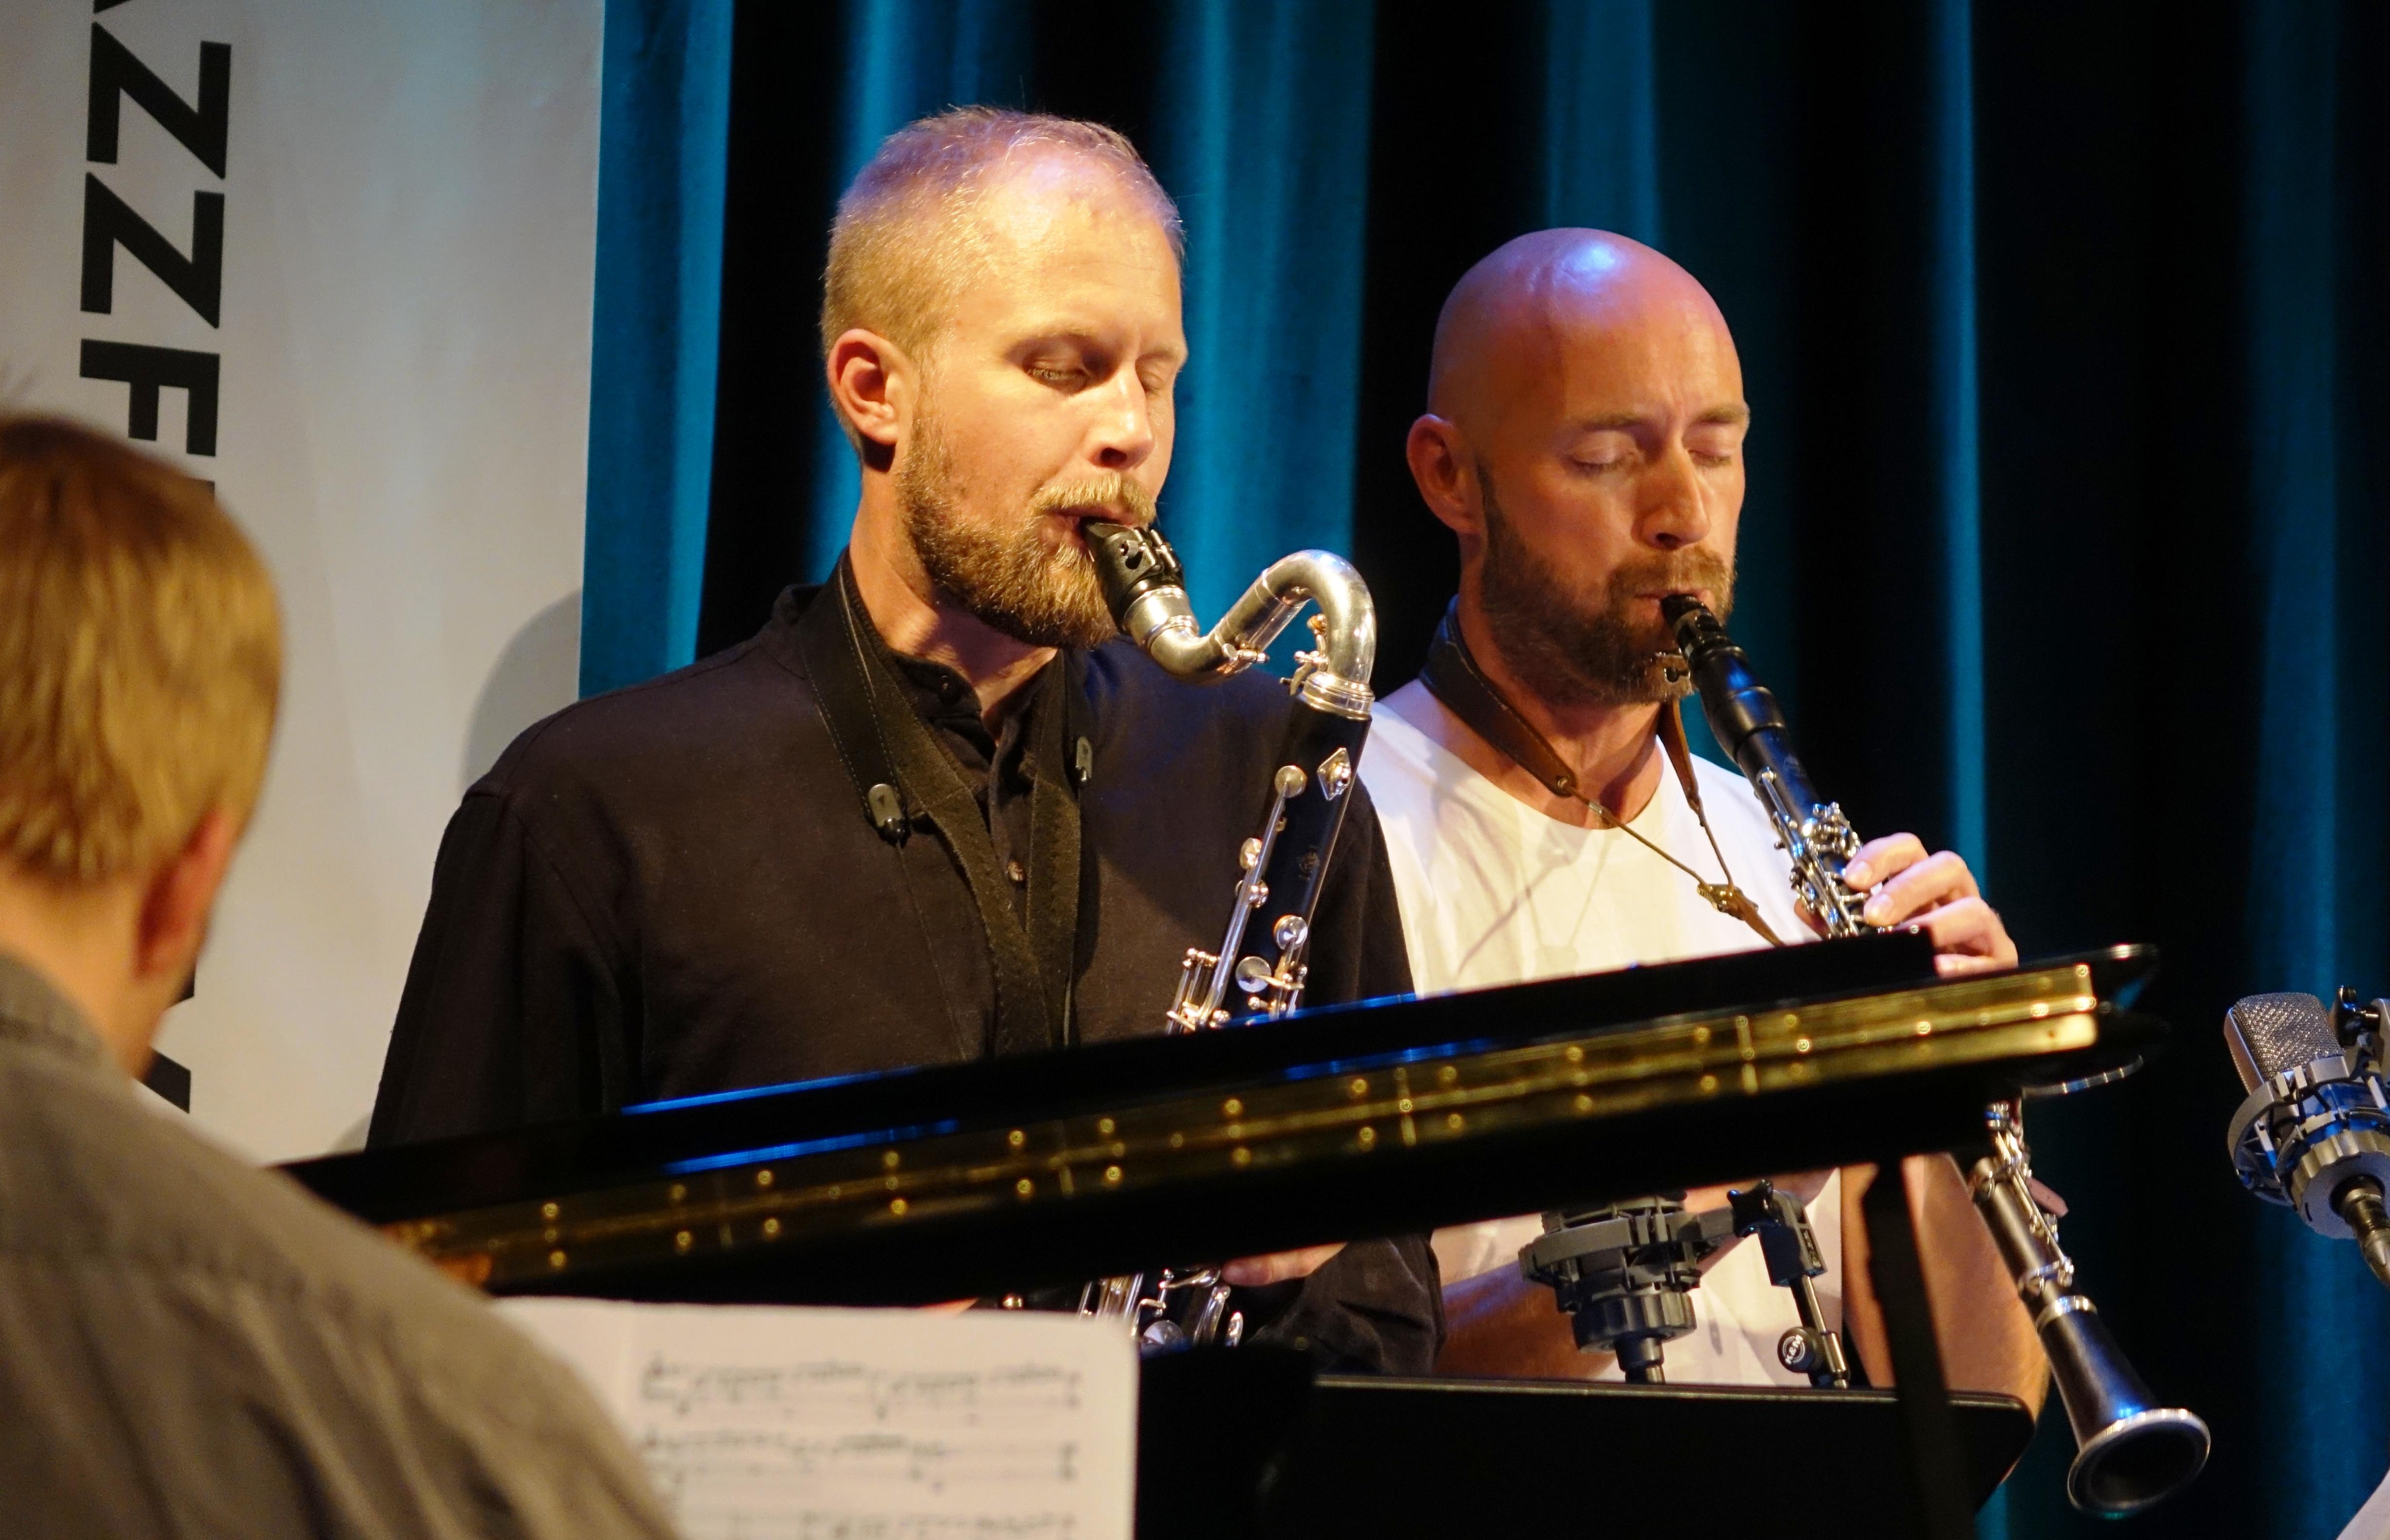 Espen Reinertsen and Erik Hegdal at Nasjonal Jazzscene Victoria, Oslo in August 2018